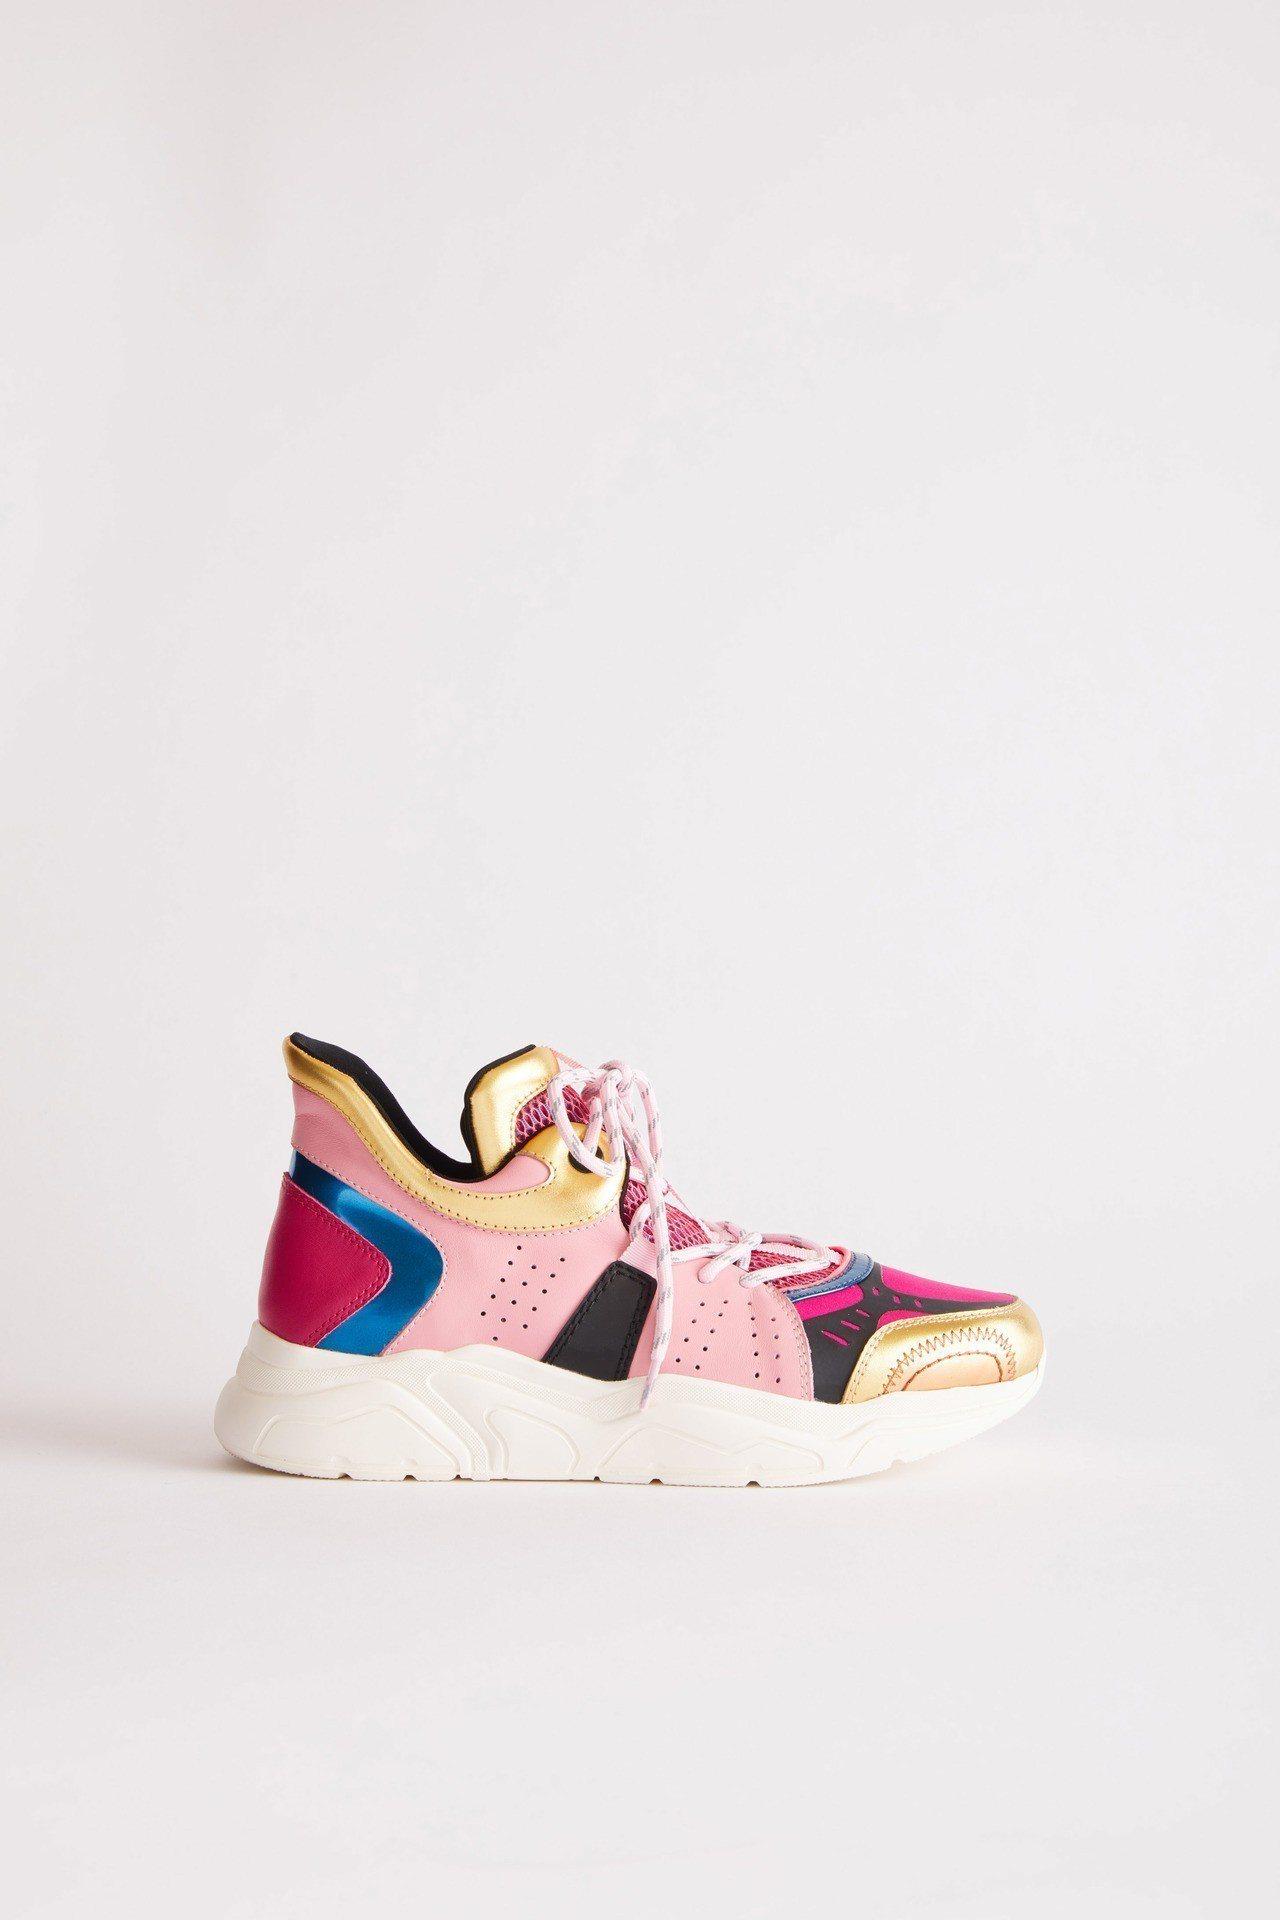 夏姿首度推出運動鞋,售價15,800元。圖/夏姿提供